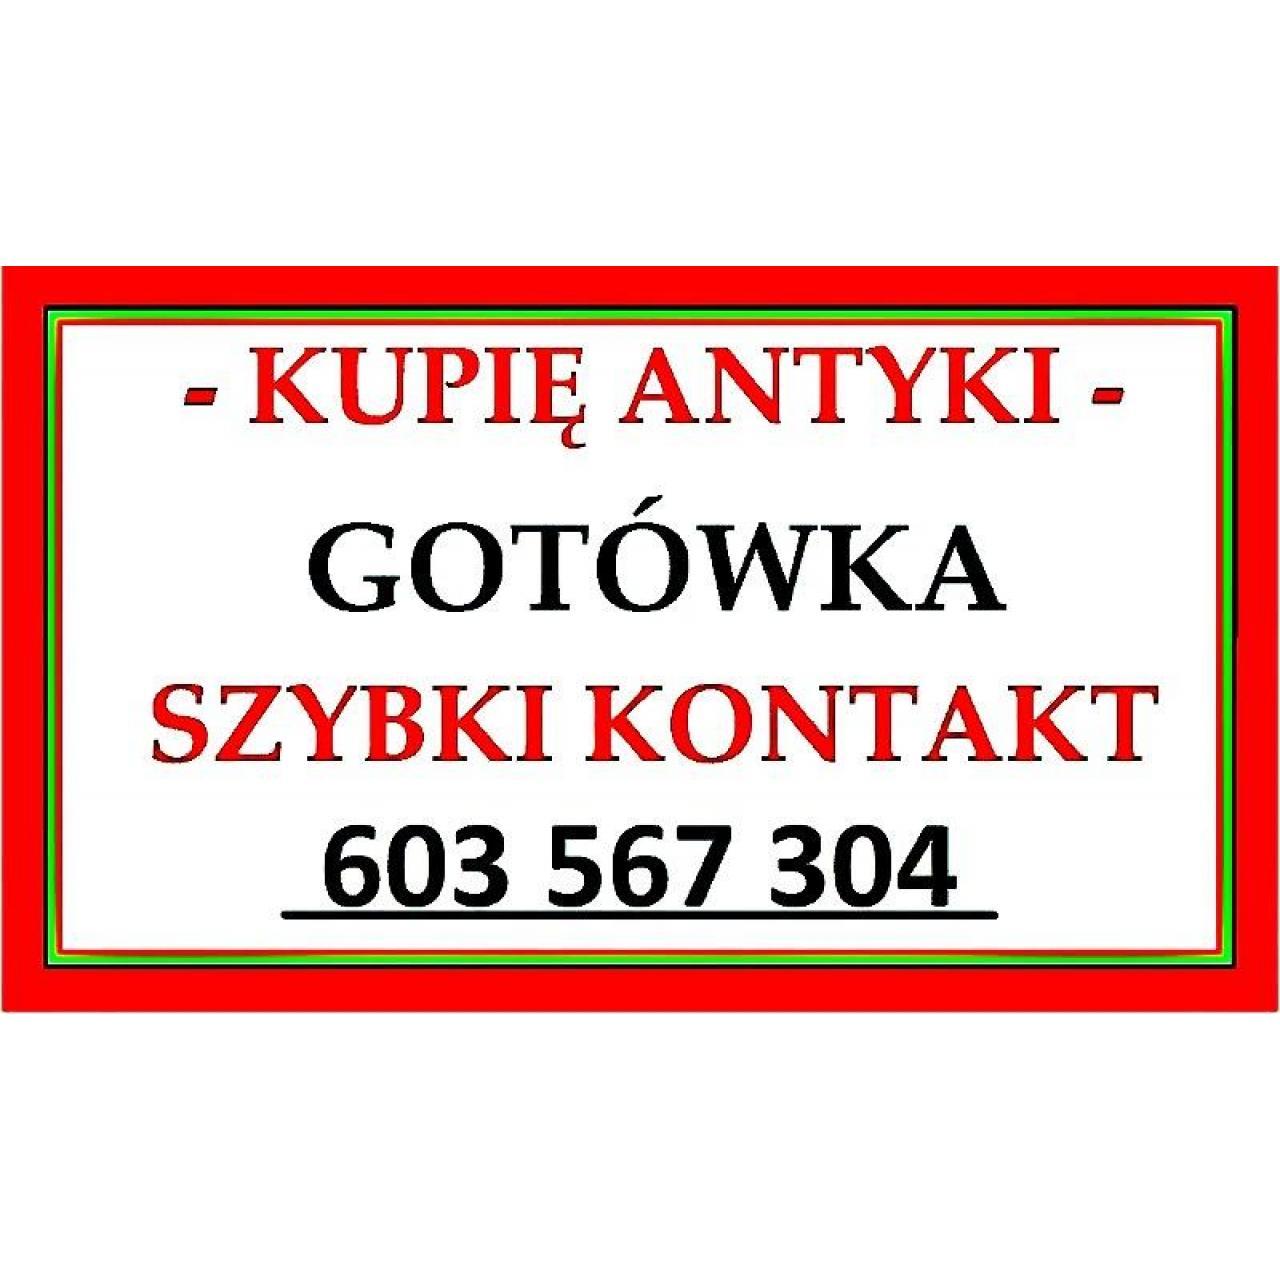 SKUP ANTYKÓW – JESTEM ZAINTERESOWANY ZAKUPEM – ANTYKÓW – KUPIĘ ANTYKI -- 603 567 304